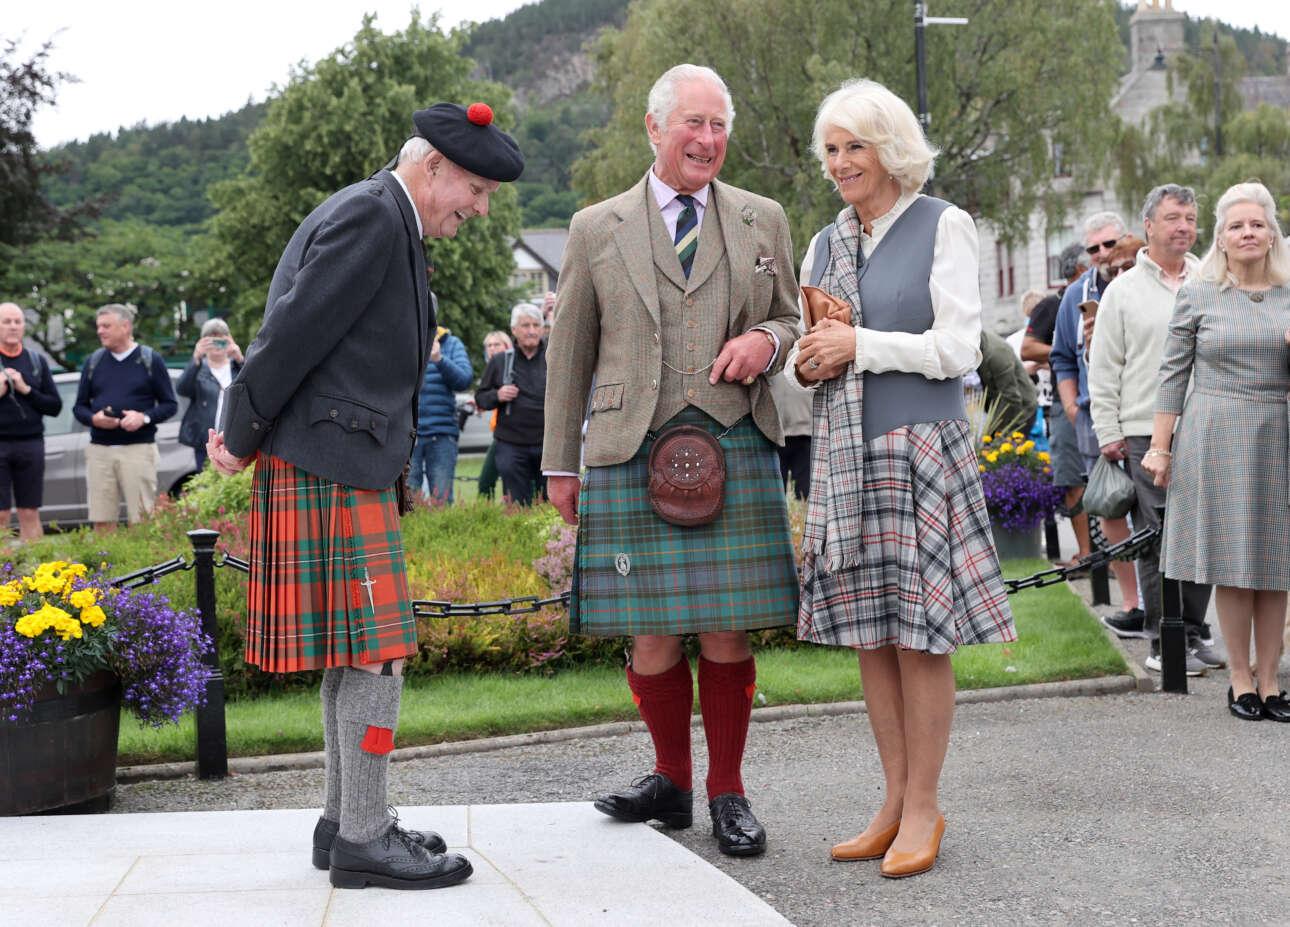 Ο πρίγκιπας Κάρολος της Ουαλίας ντυμένος με την παραδοσιακή φορεσιά και η δούκισσα της Κορνουάλης Καμίλα, μιλούν με τον 90χρονο Χιού Ινκστερ κατά την επίσκεψή τους στο χωριό Μπάλατερ της Σκωτίας